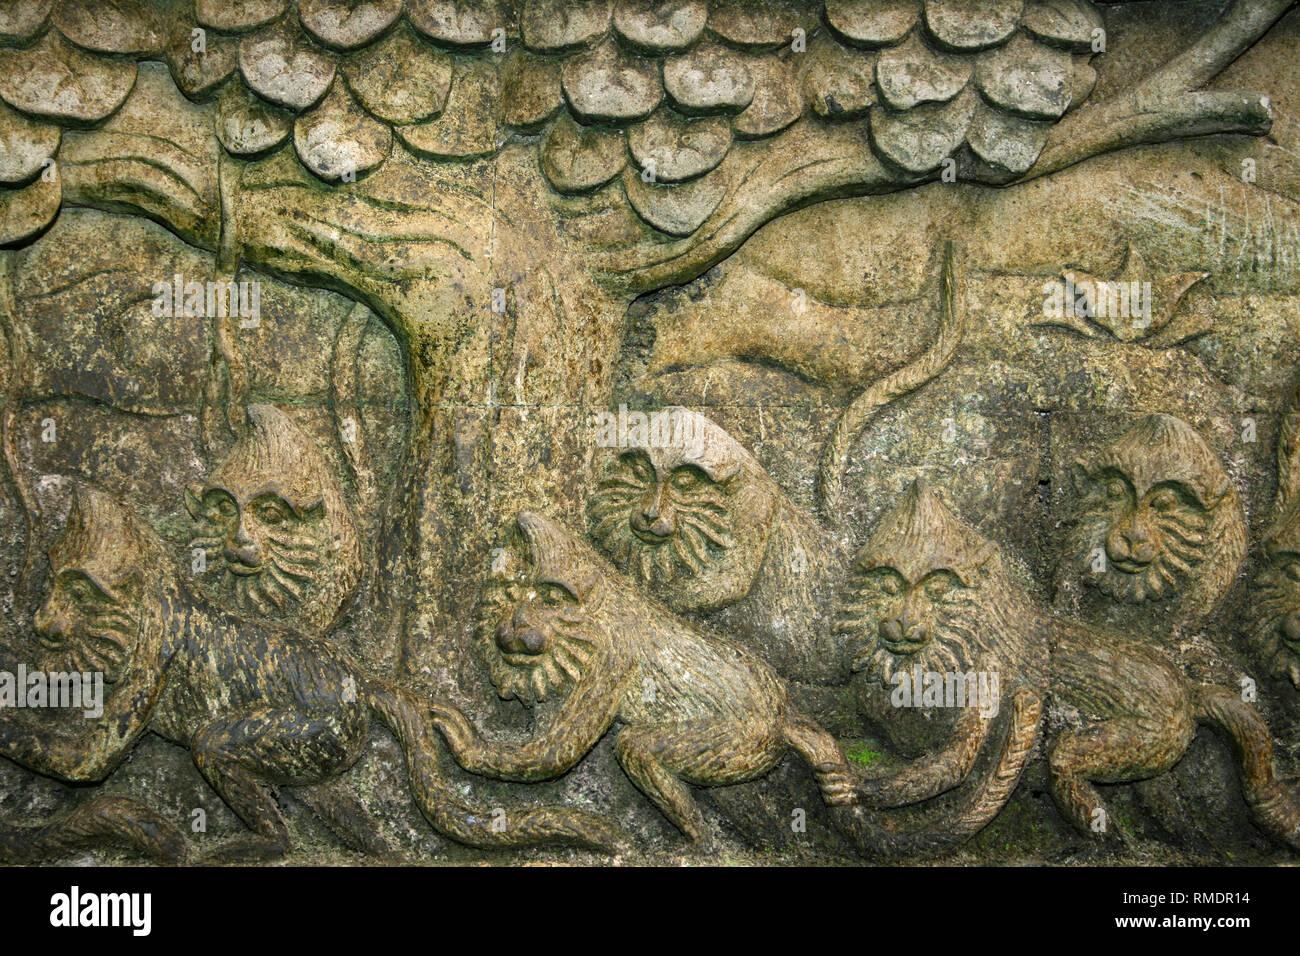 Stone Frieze in Monkey Forest Sanctuary, Ubud, Bali - Stock Image